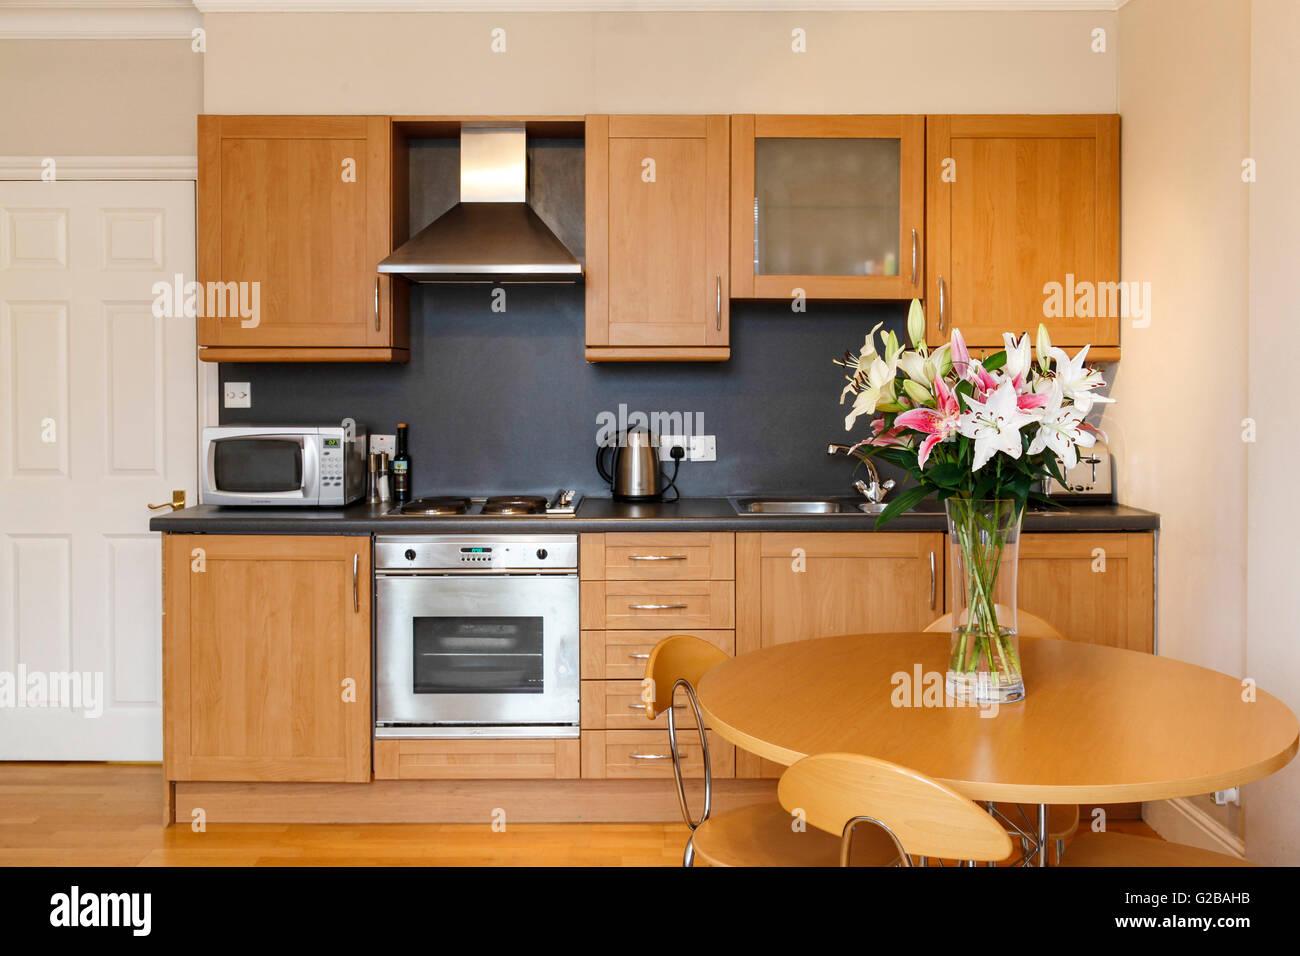 Molyneux House, Marble Arch moderne kleine Küche Layout mit Esstisch ...